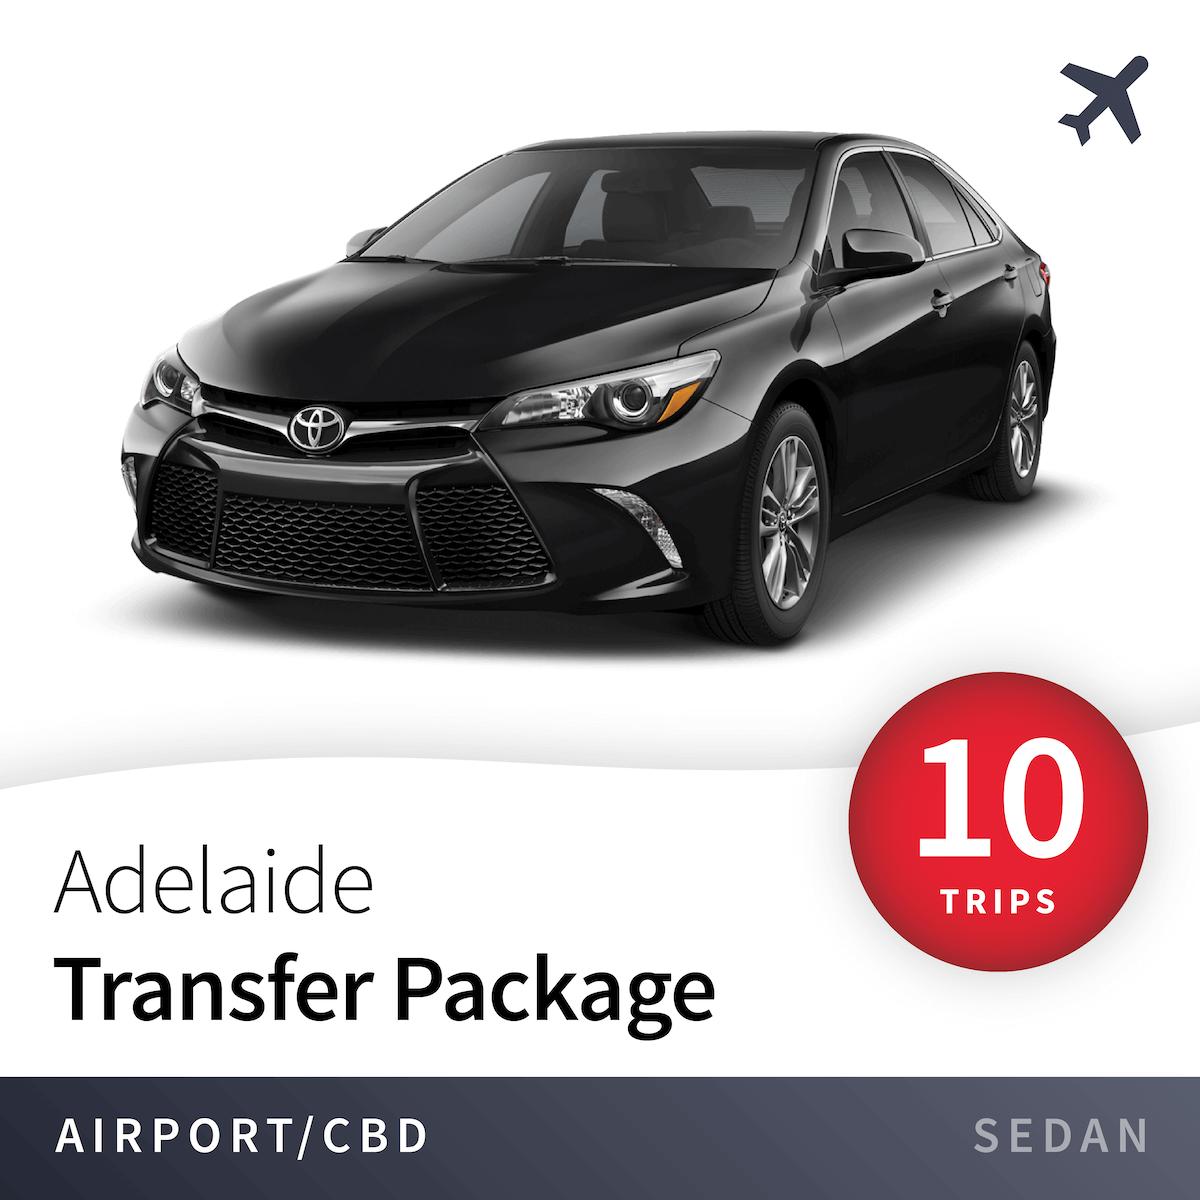 Adelaide Airport Transfer Package - Sedan (10 Trips) 5